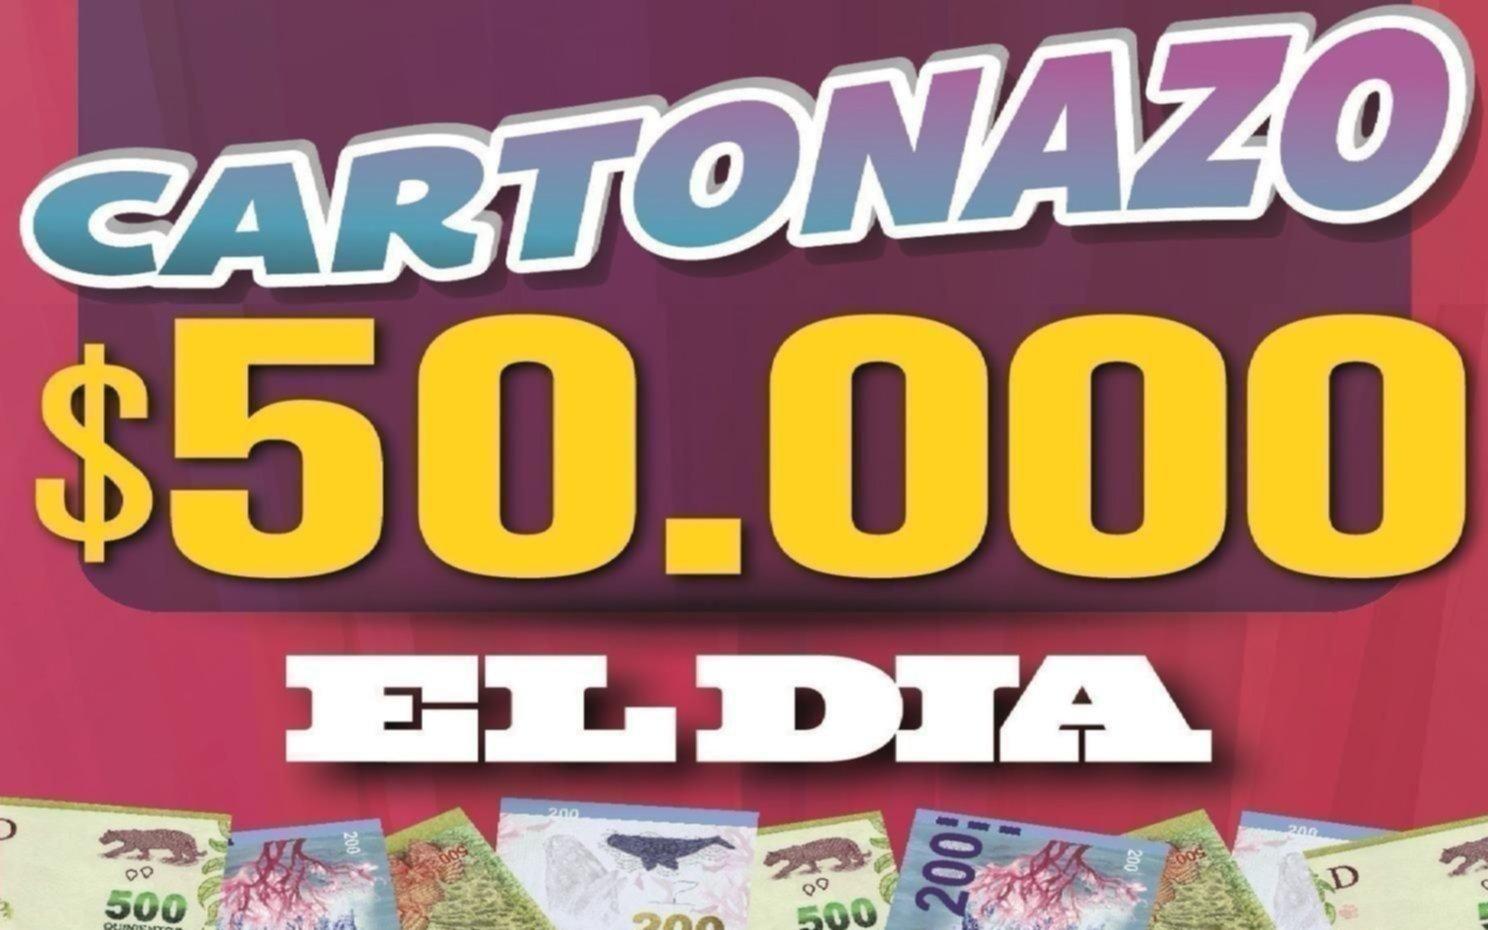 Ya podés conseguir la nueva tarjeta del Cartonazo ¡con un pozo de $50.000!